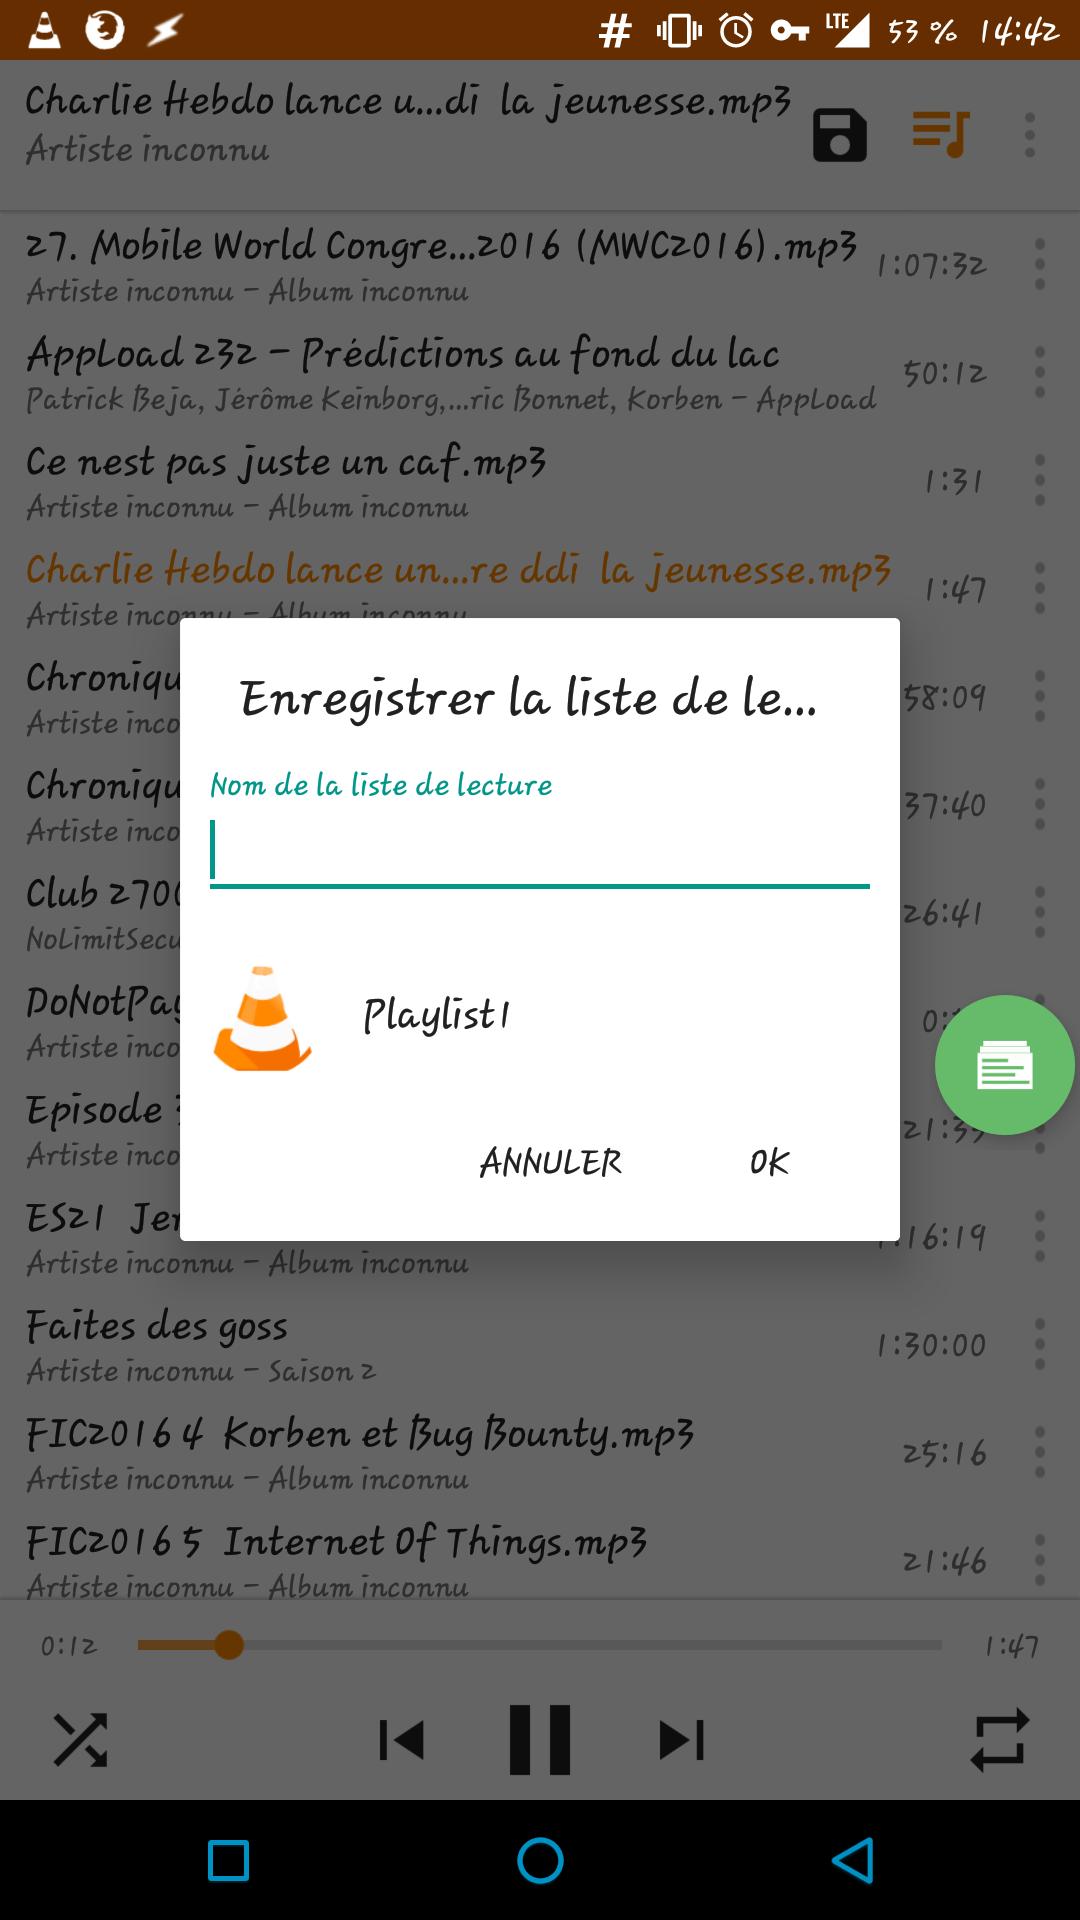 [ASTUCE] Créer une liste de lecture (playlist) avec VLC sous Android 145682351762248